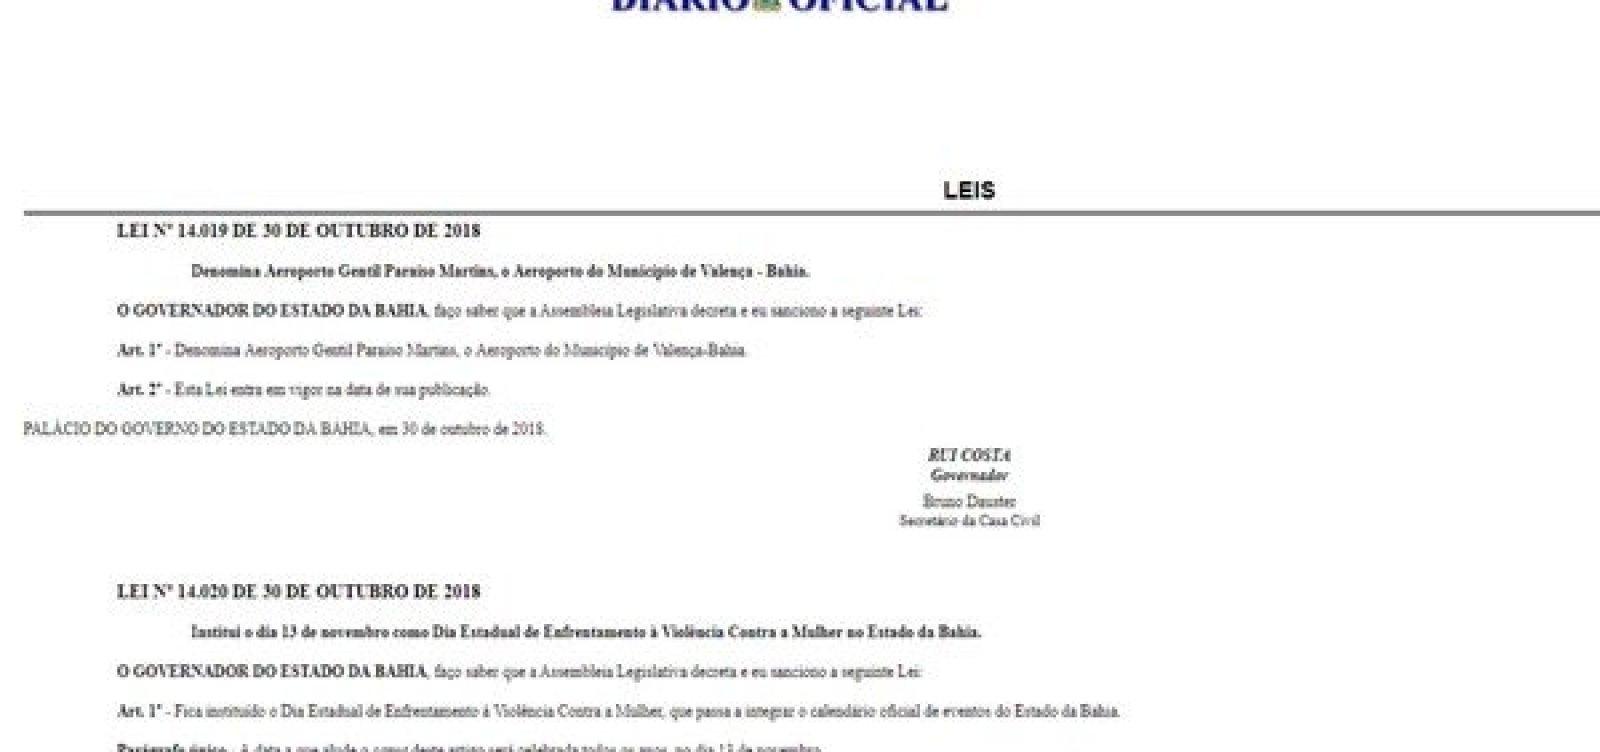 [Governo institui 'Dia Estadual de Enfrentamento à Violência Contra a Mulher' na Bahia]